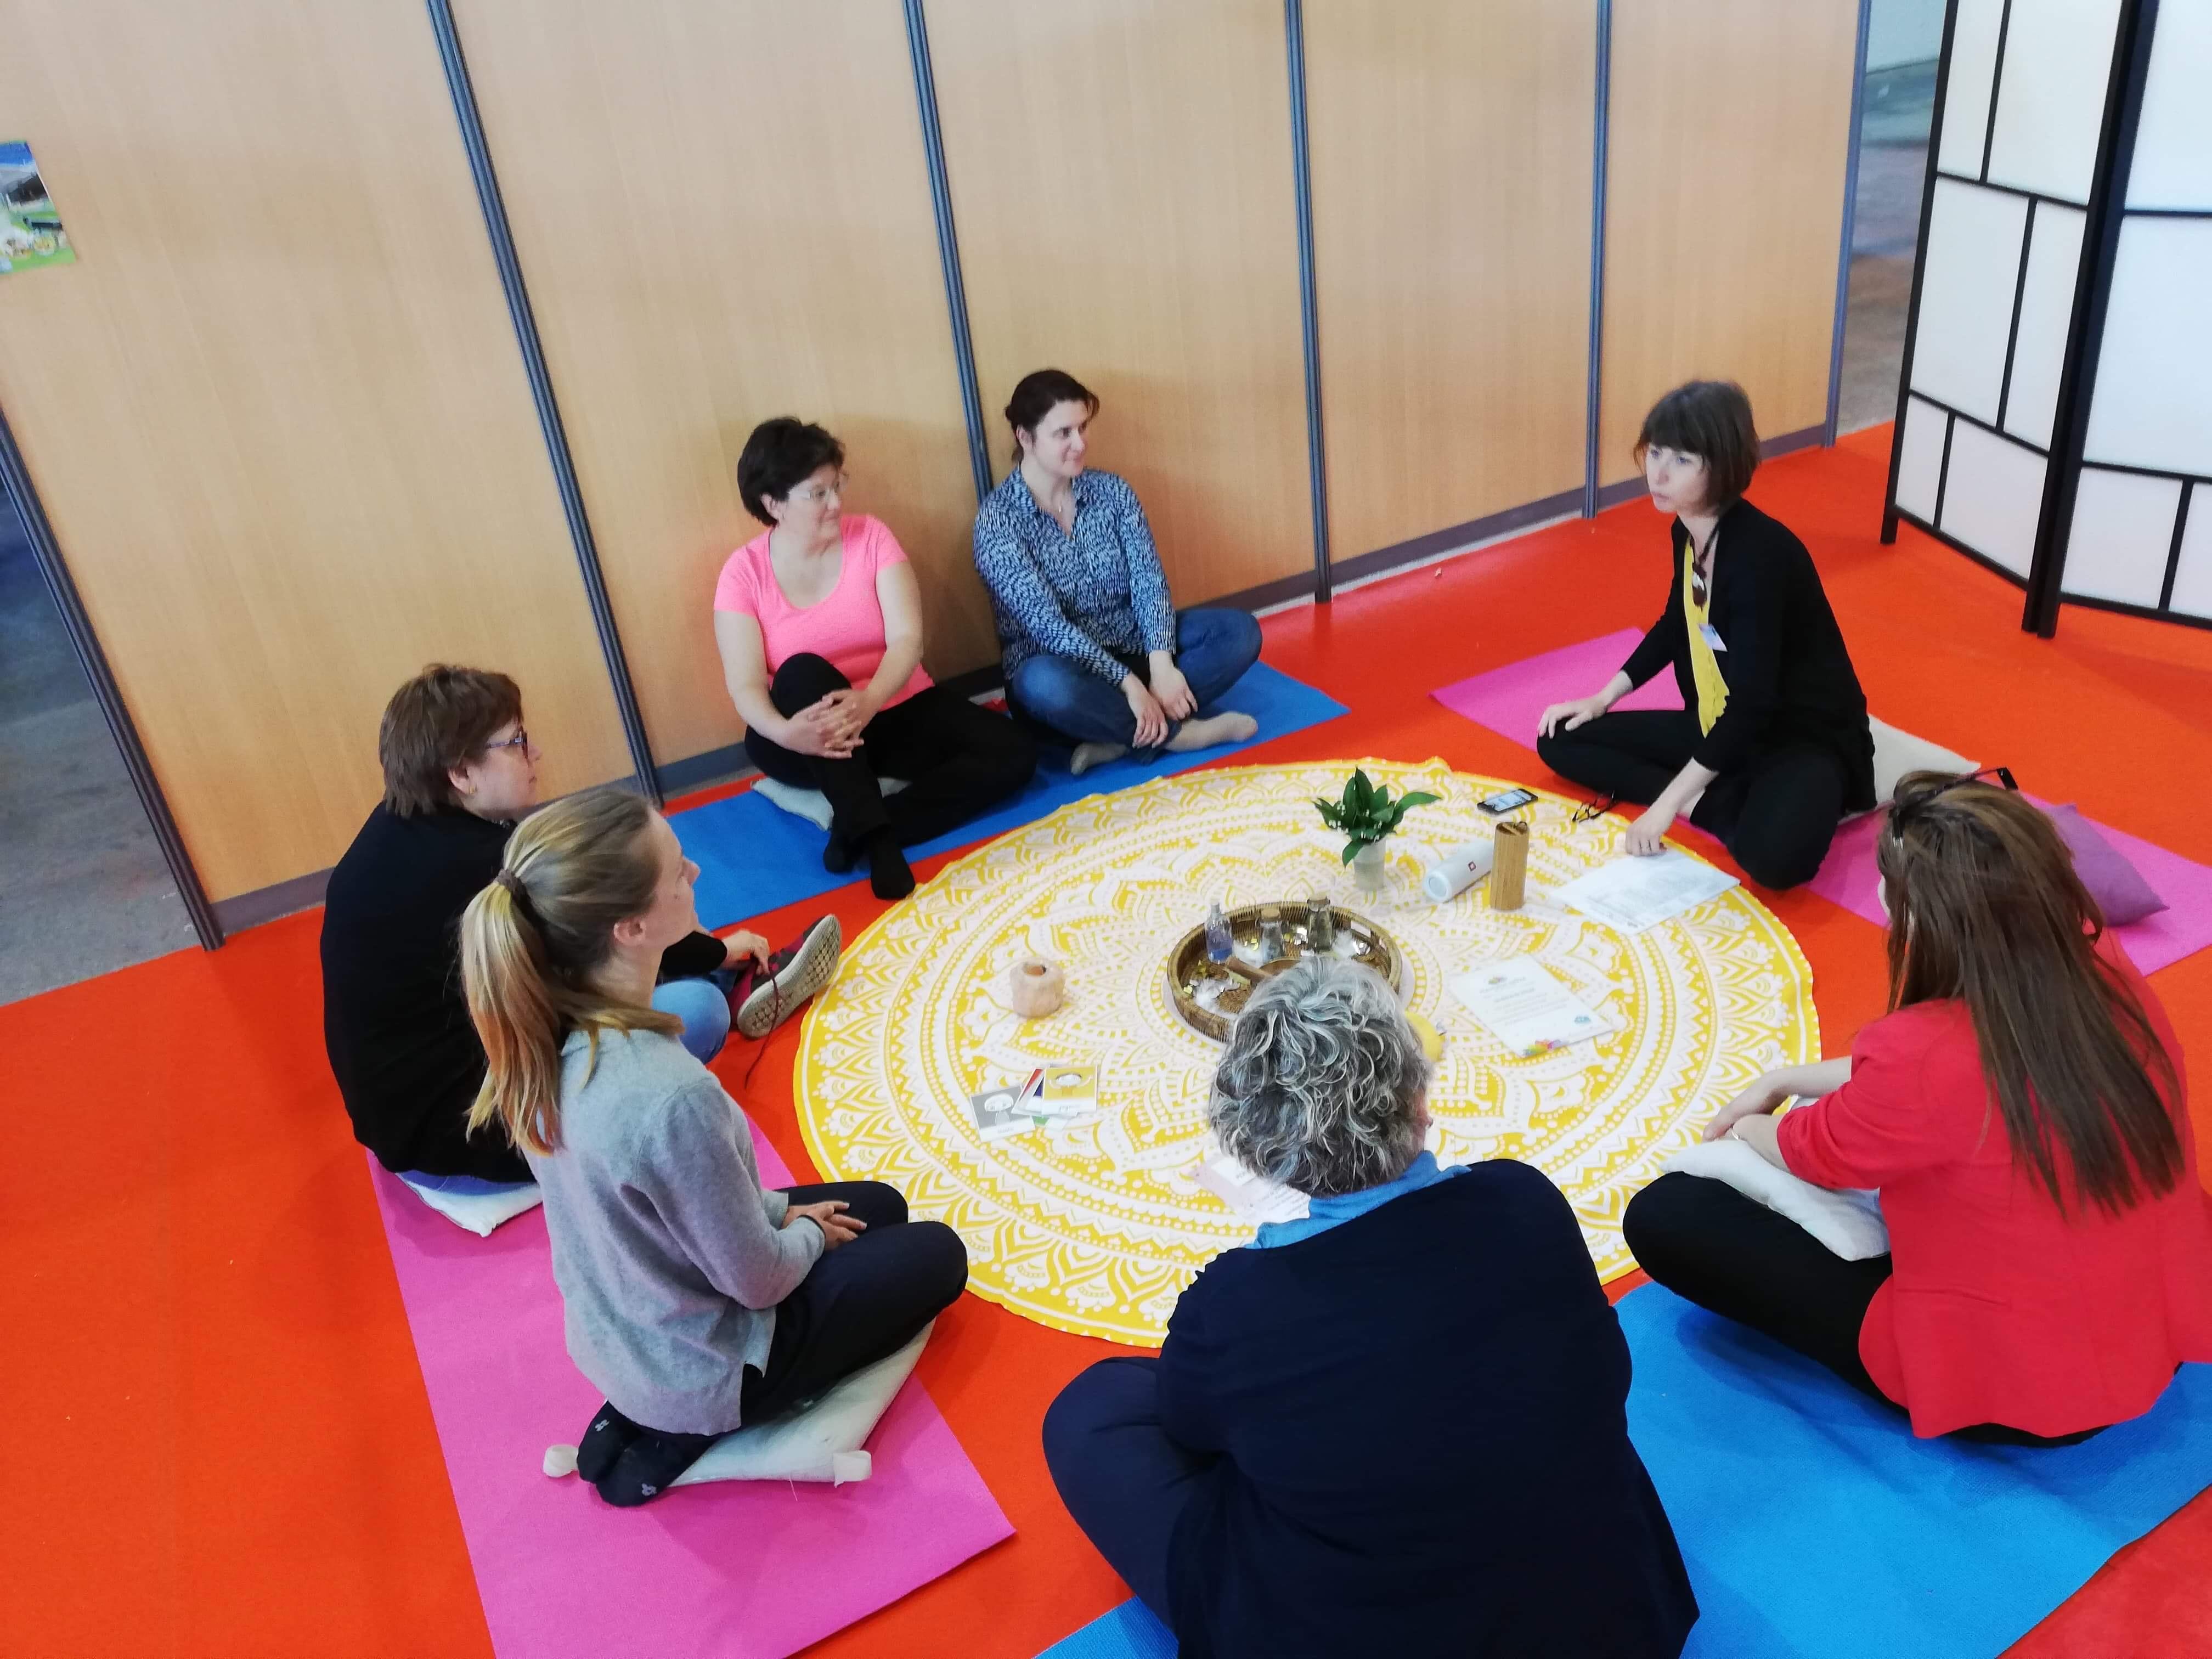 Atelier kids Les intuitives